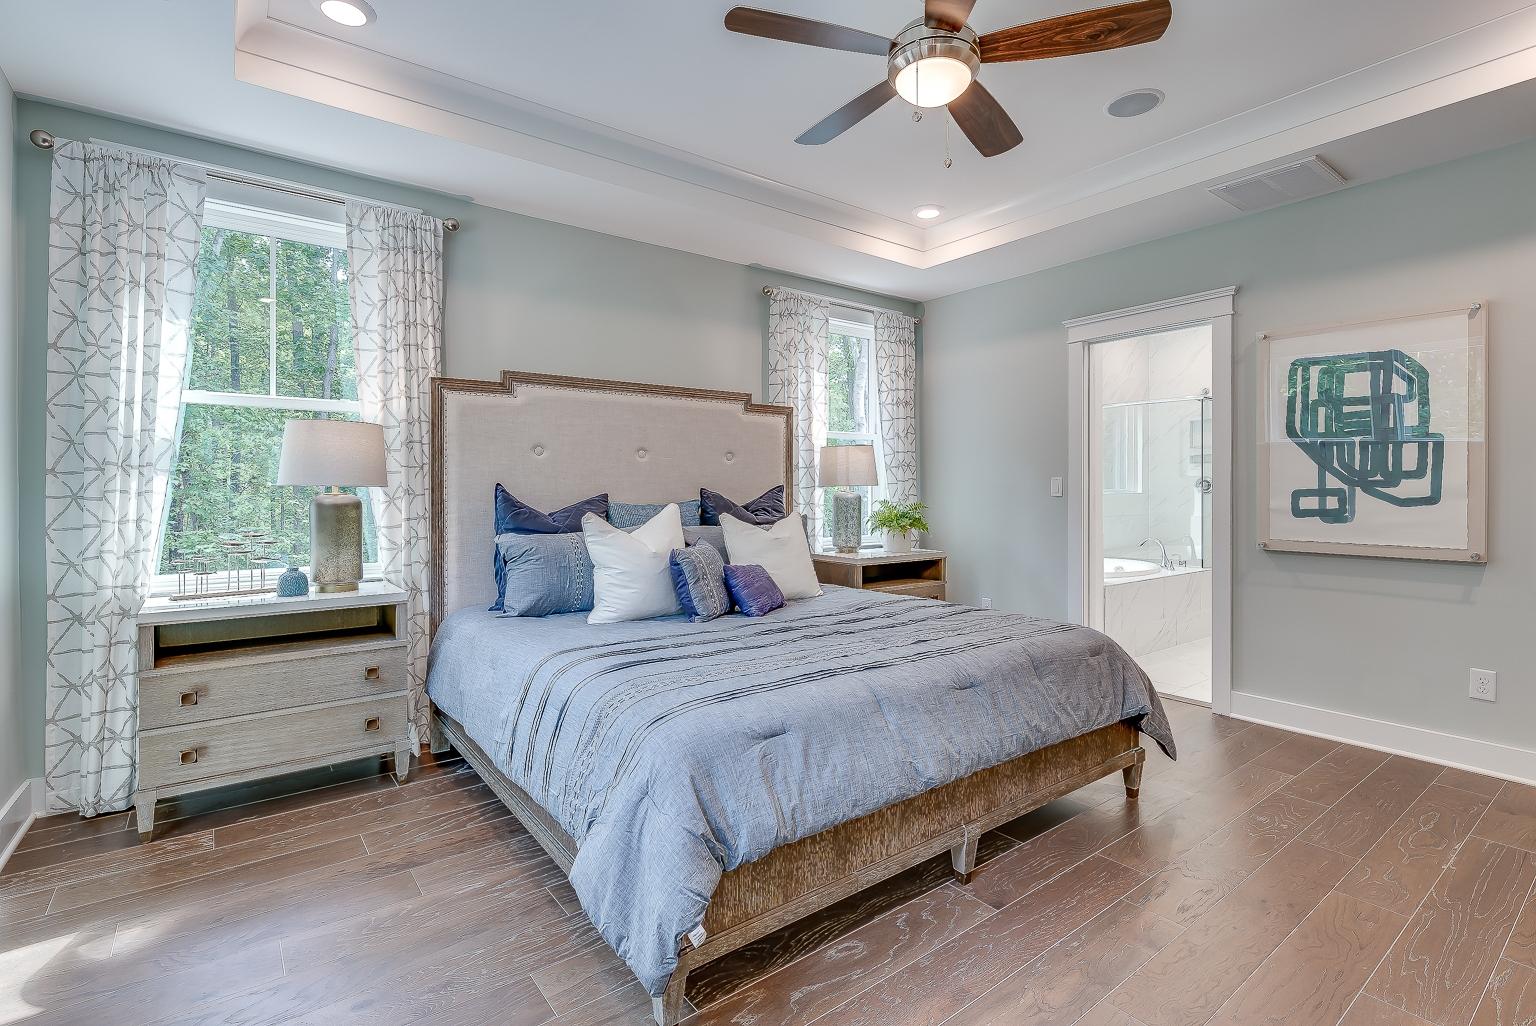 Vanderhorst Owner's Bedroom